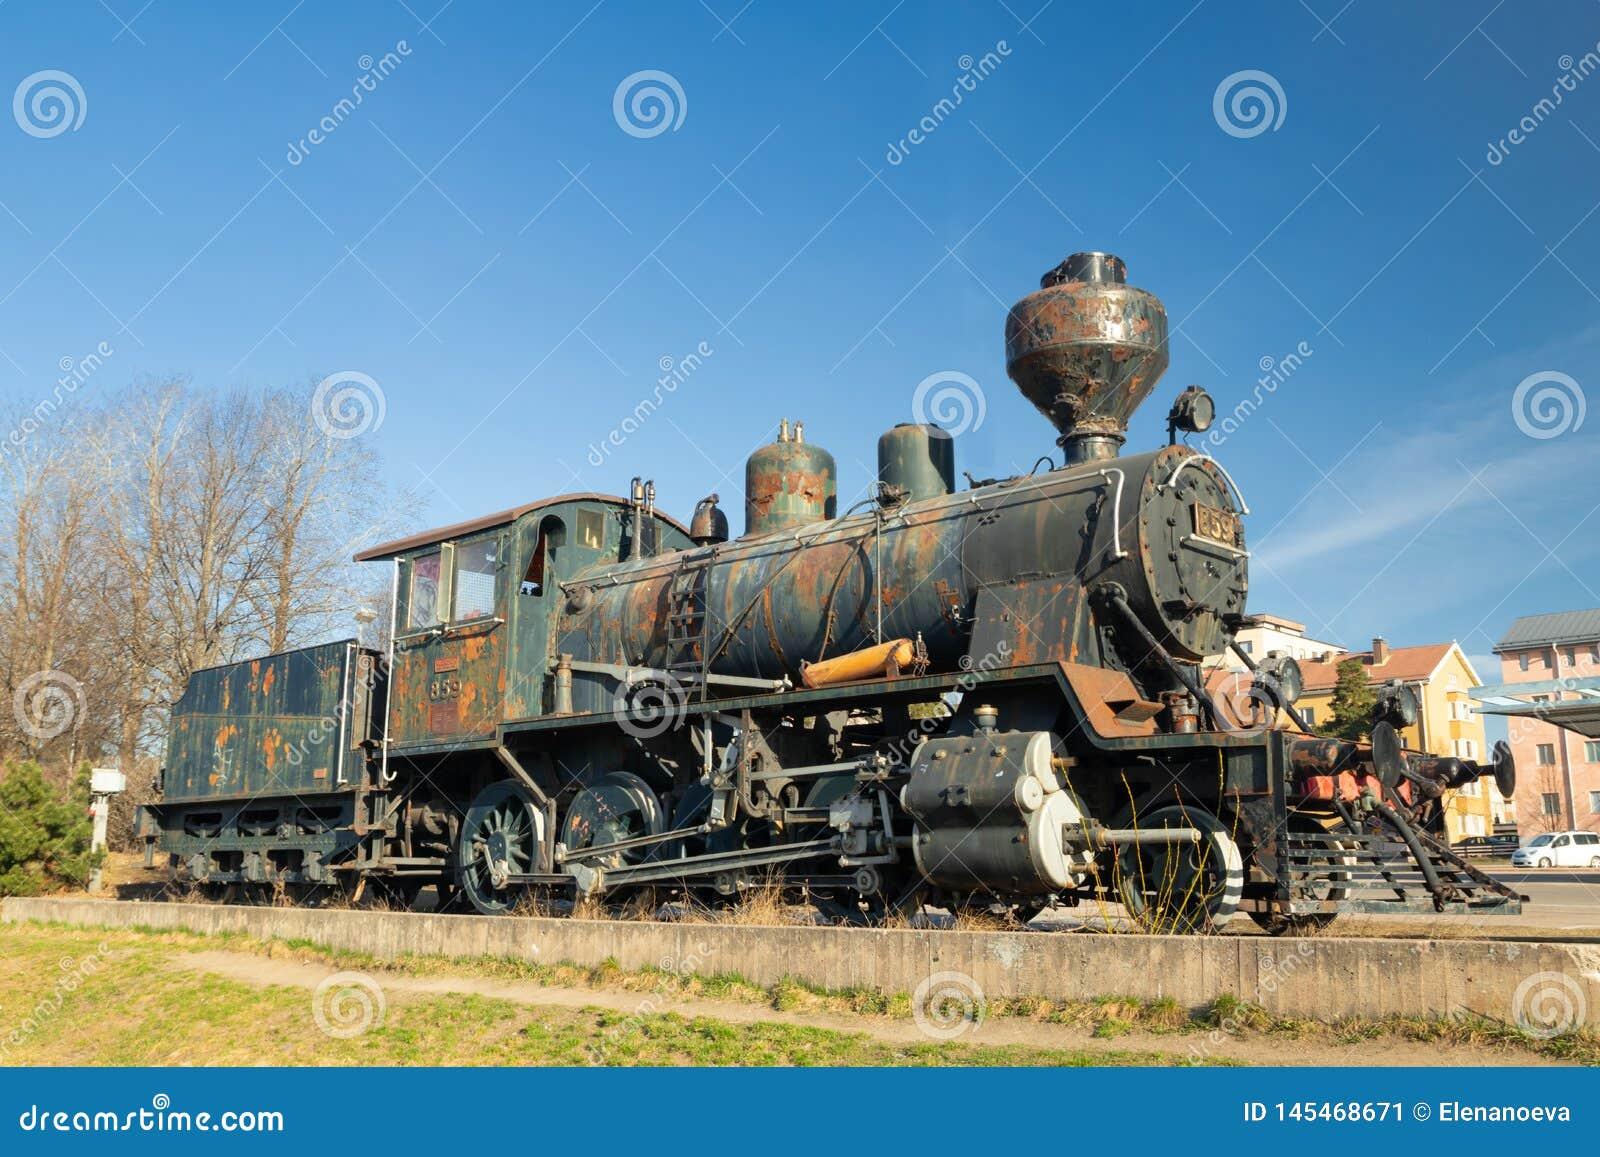 Kouvola, Finnland - 18. April 2019: Alte Dampflokomotive als Ausstellung am Bahnhof Kouvola in Finnland